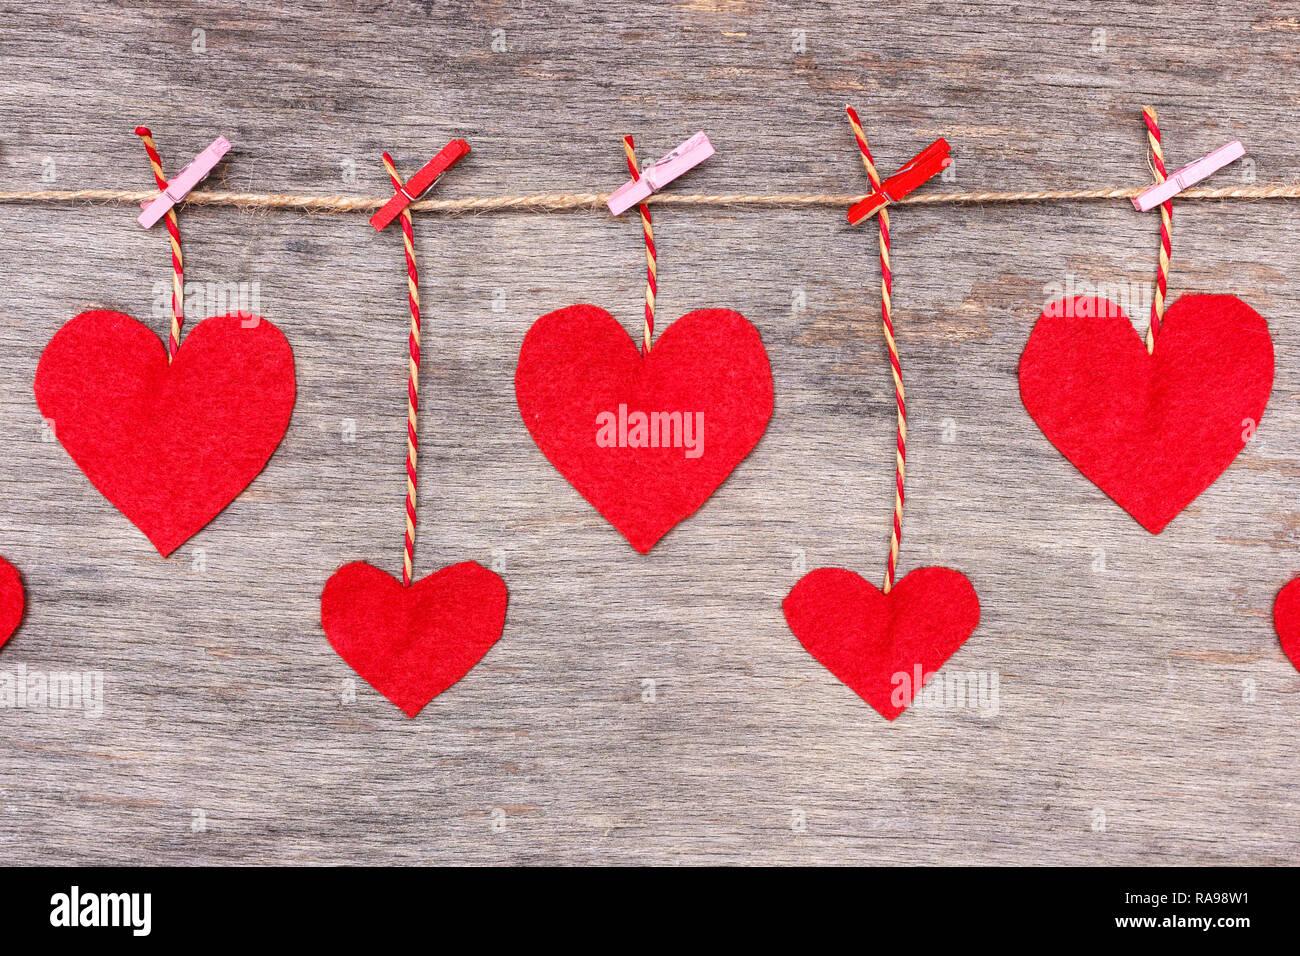 Rosso di San Valentino di cuori sul cordoncino naturale e spine di rosa appeso sul rustico sfondo texture, spazio di copia Foto Stock